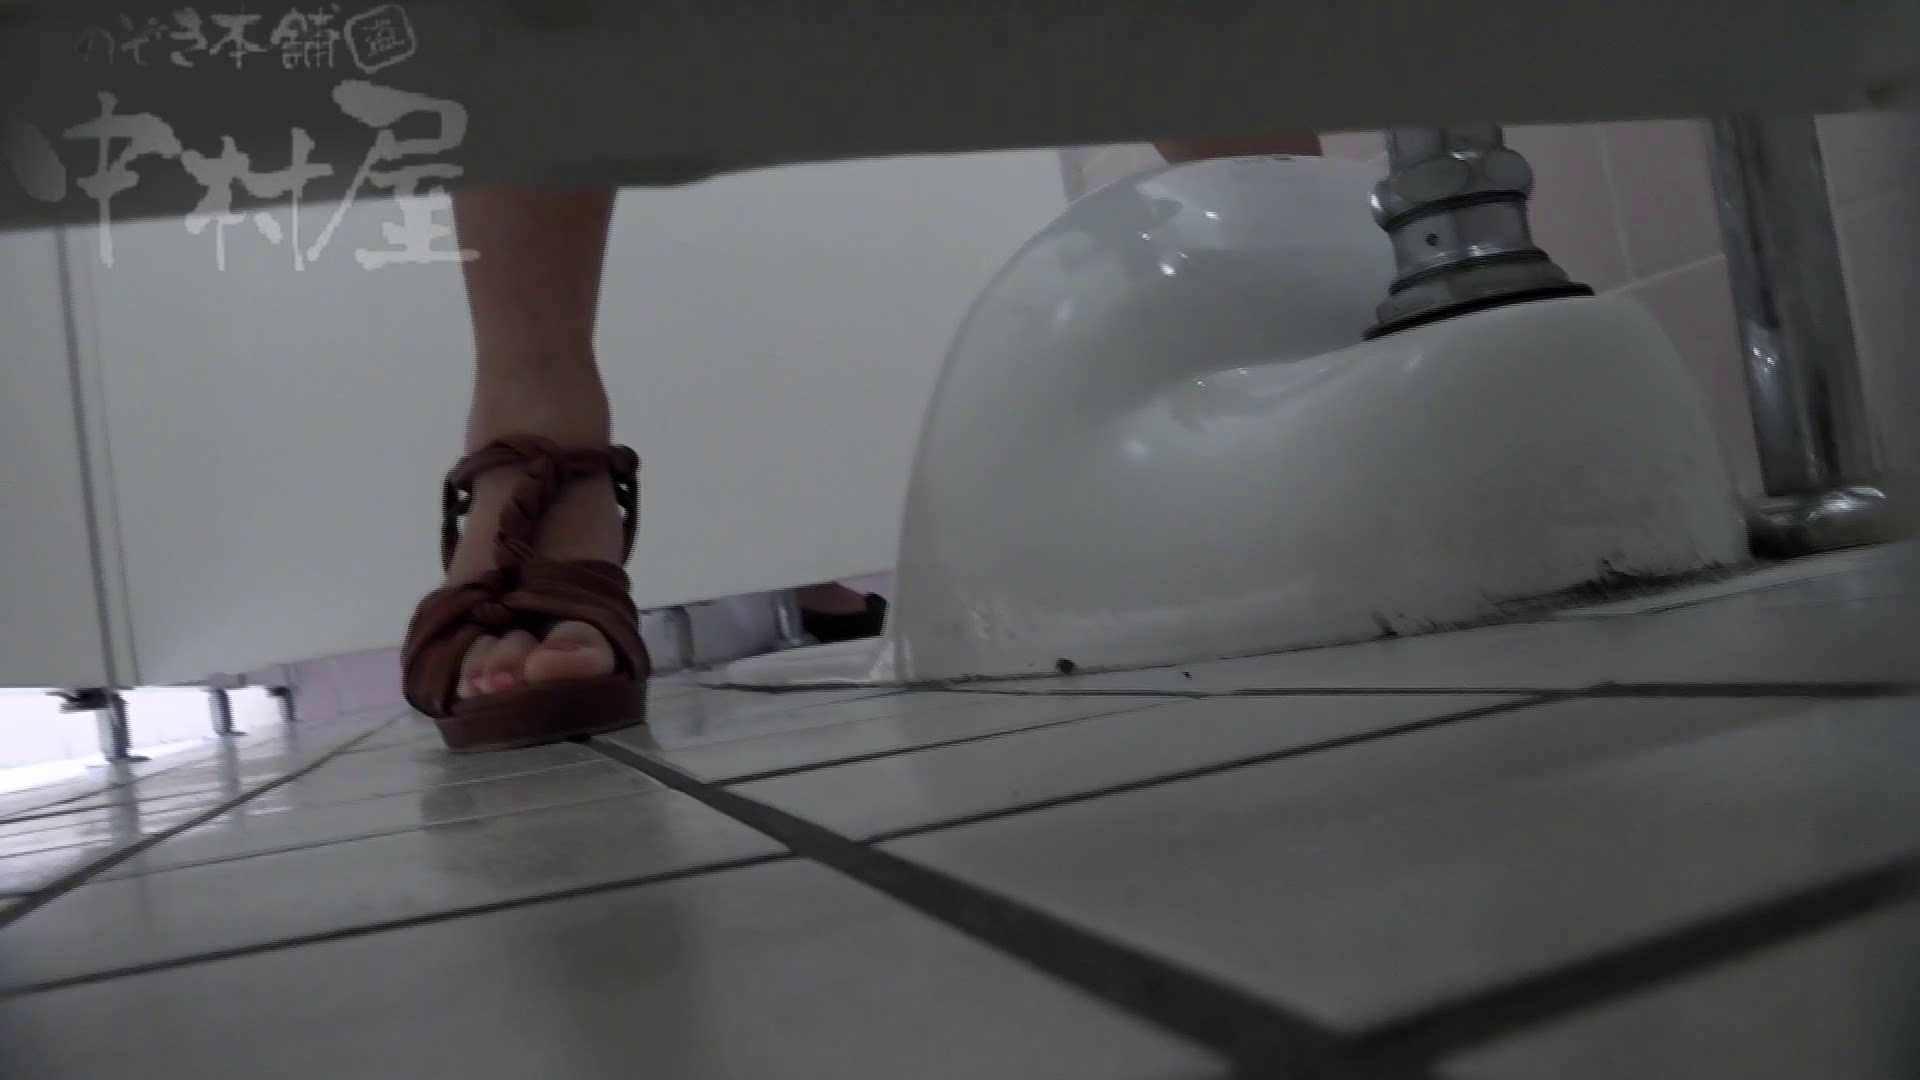 美しい日本の未来 No.34 緊迫!予告モデル撮ろうとしたら清掃員に遭遇 肛門 おまんこ動画流出 12pic 11